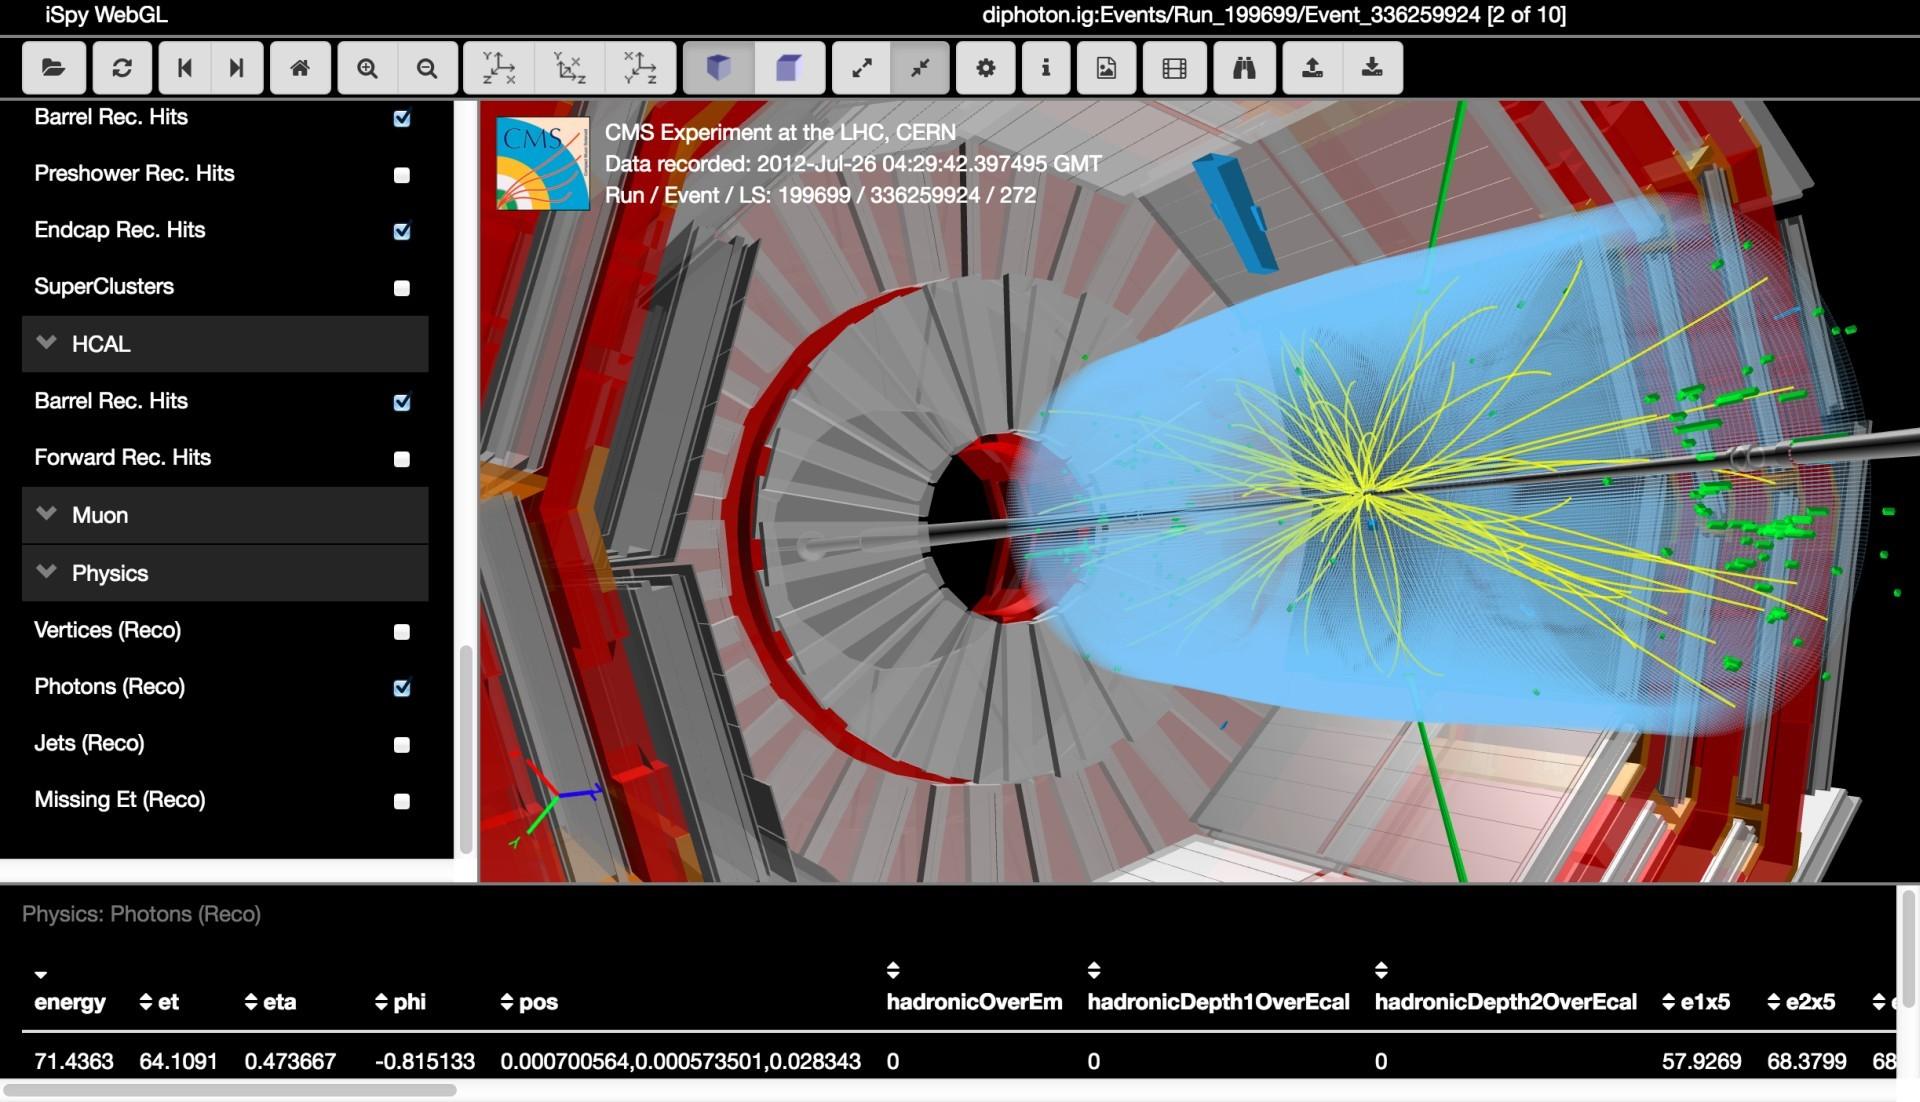 ЦЕРН выложил в открытый доступ 300ТБ данных, виртуальную машину Linux CERN6 и инструменты для анализа - 1